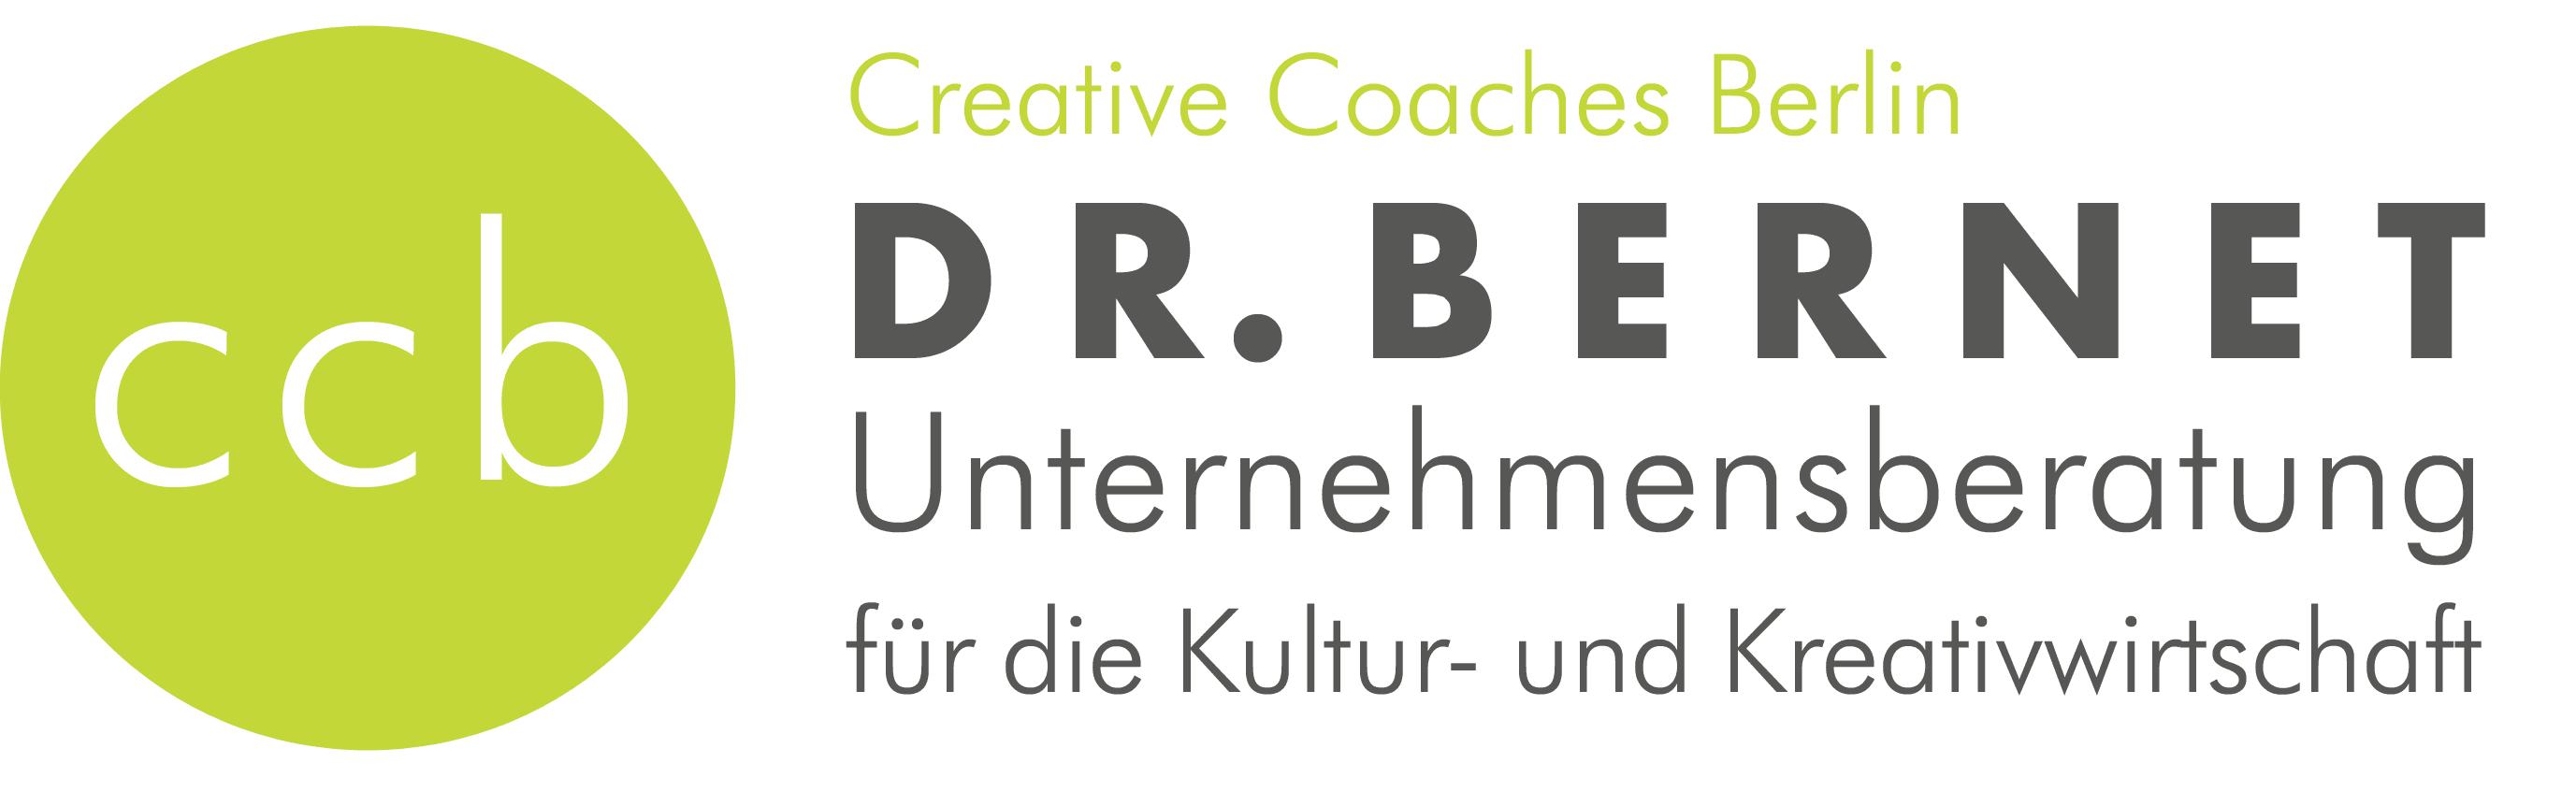 Dr. Bernet | Unternehmensberatung